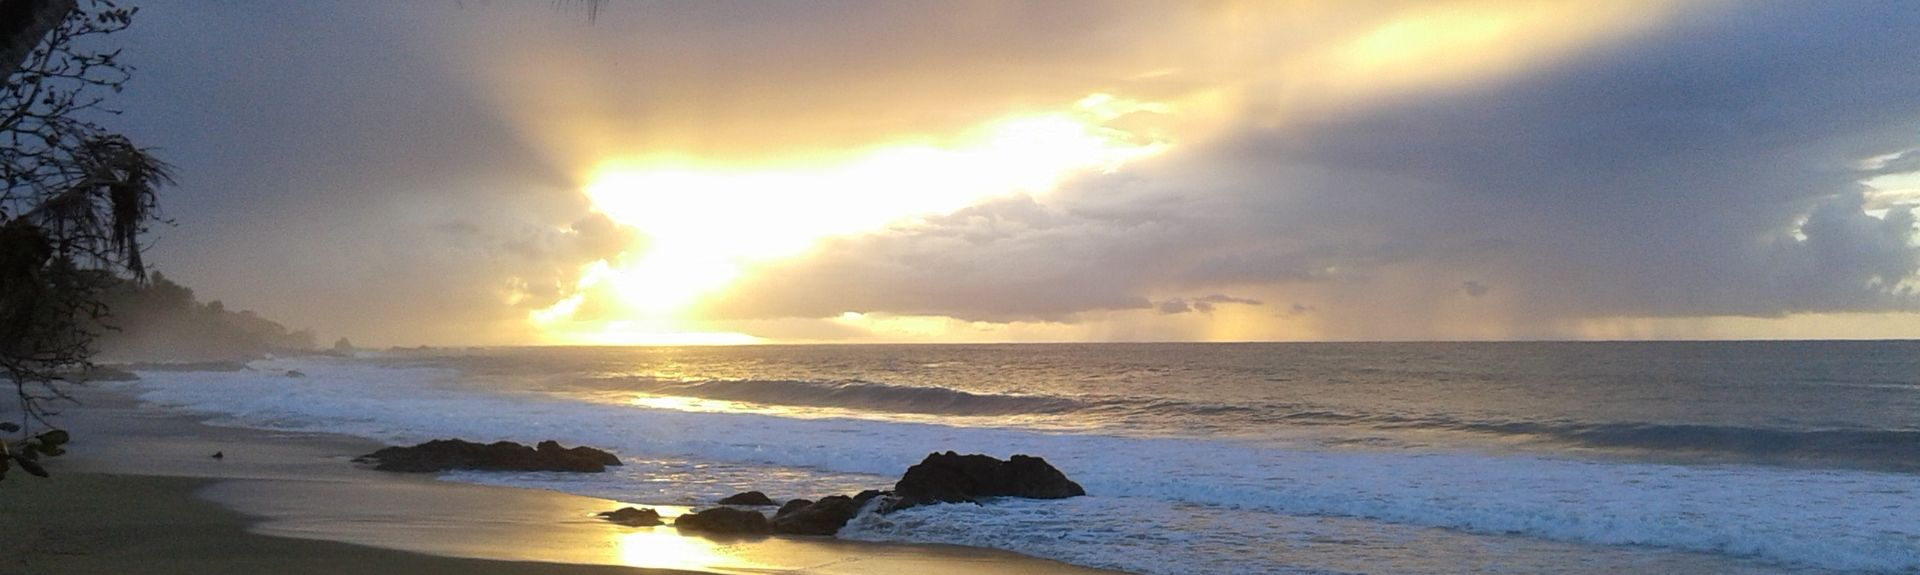 Englishman's Bay, Charlotteville, Tobago, Trinidad and Tobago